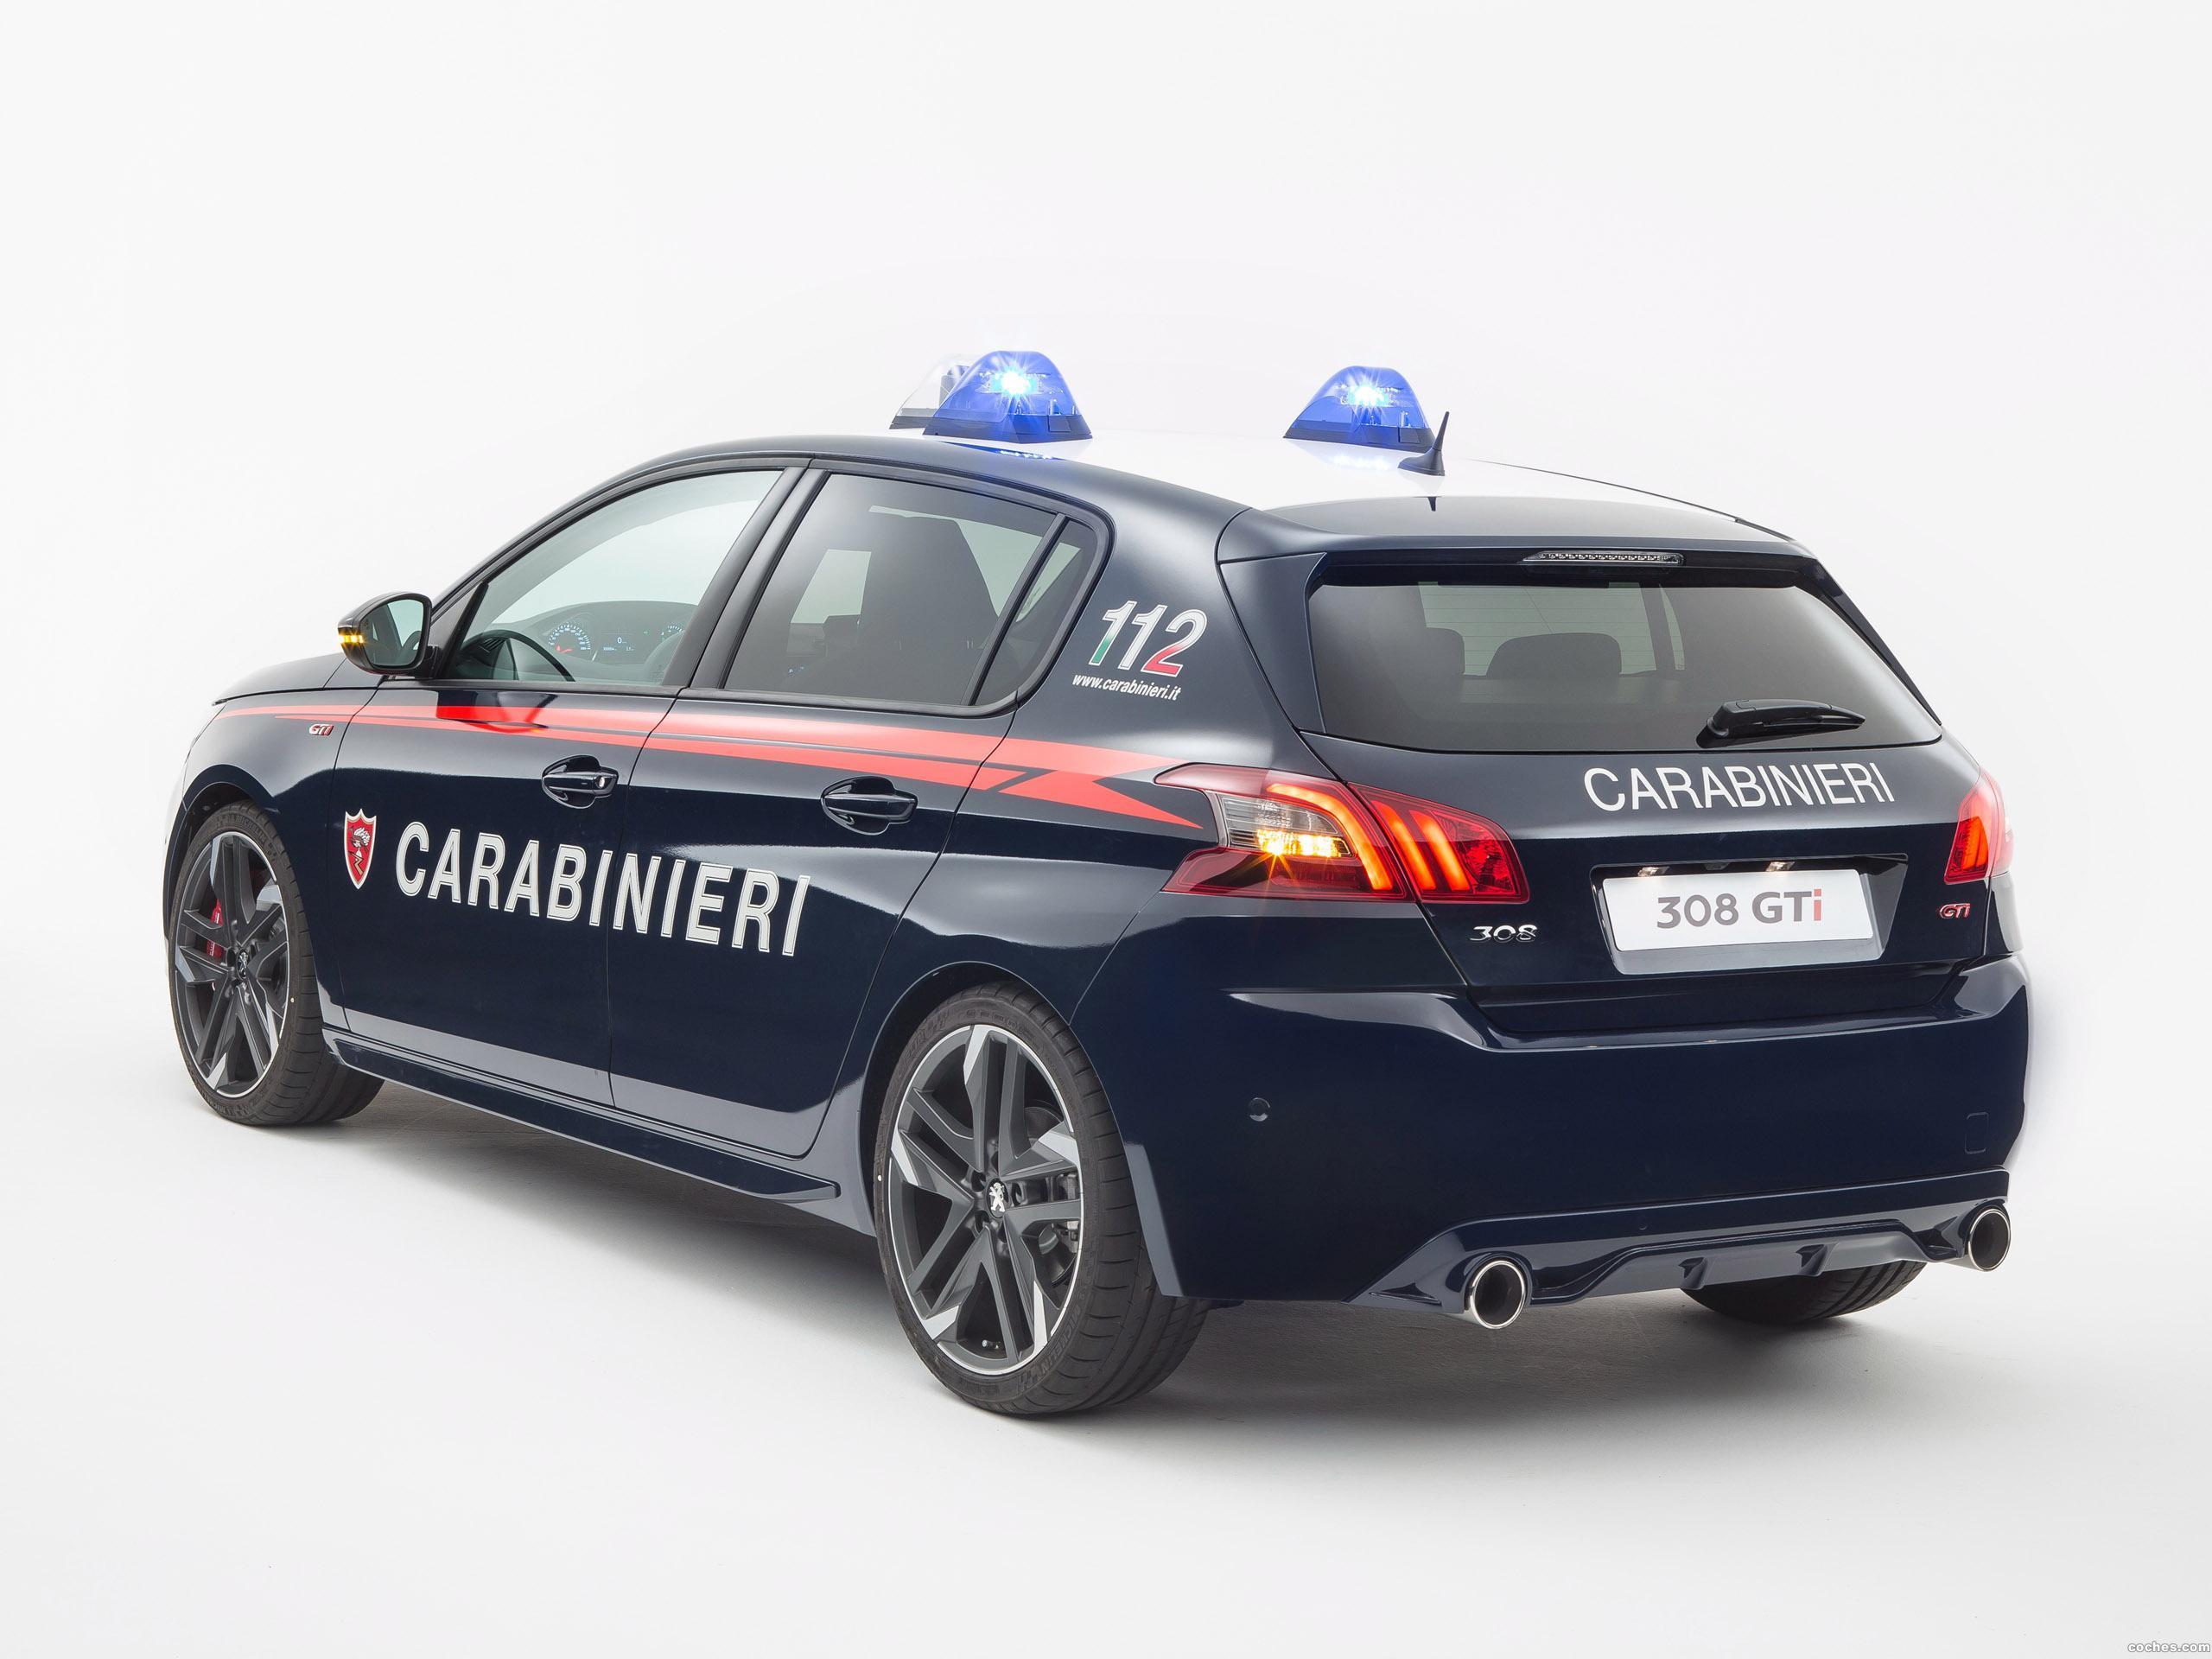 Foto 1 de Peugeot 308 GTI Carabinieri  2017